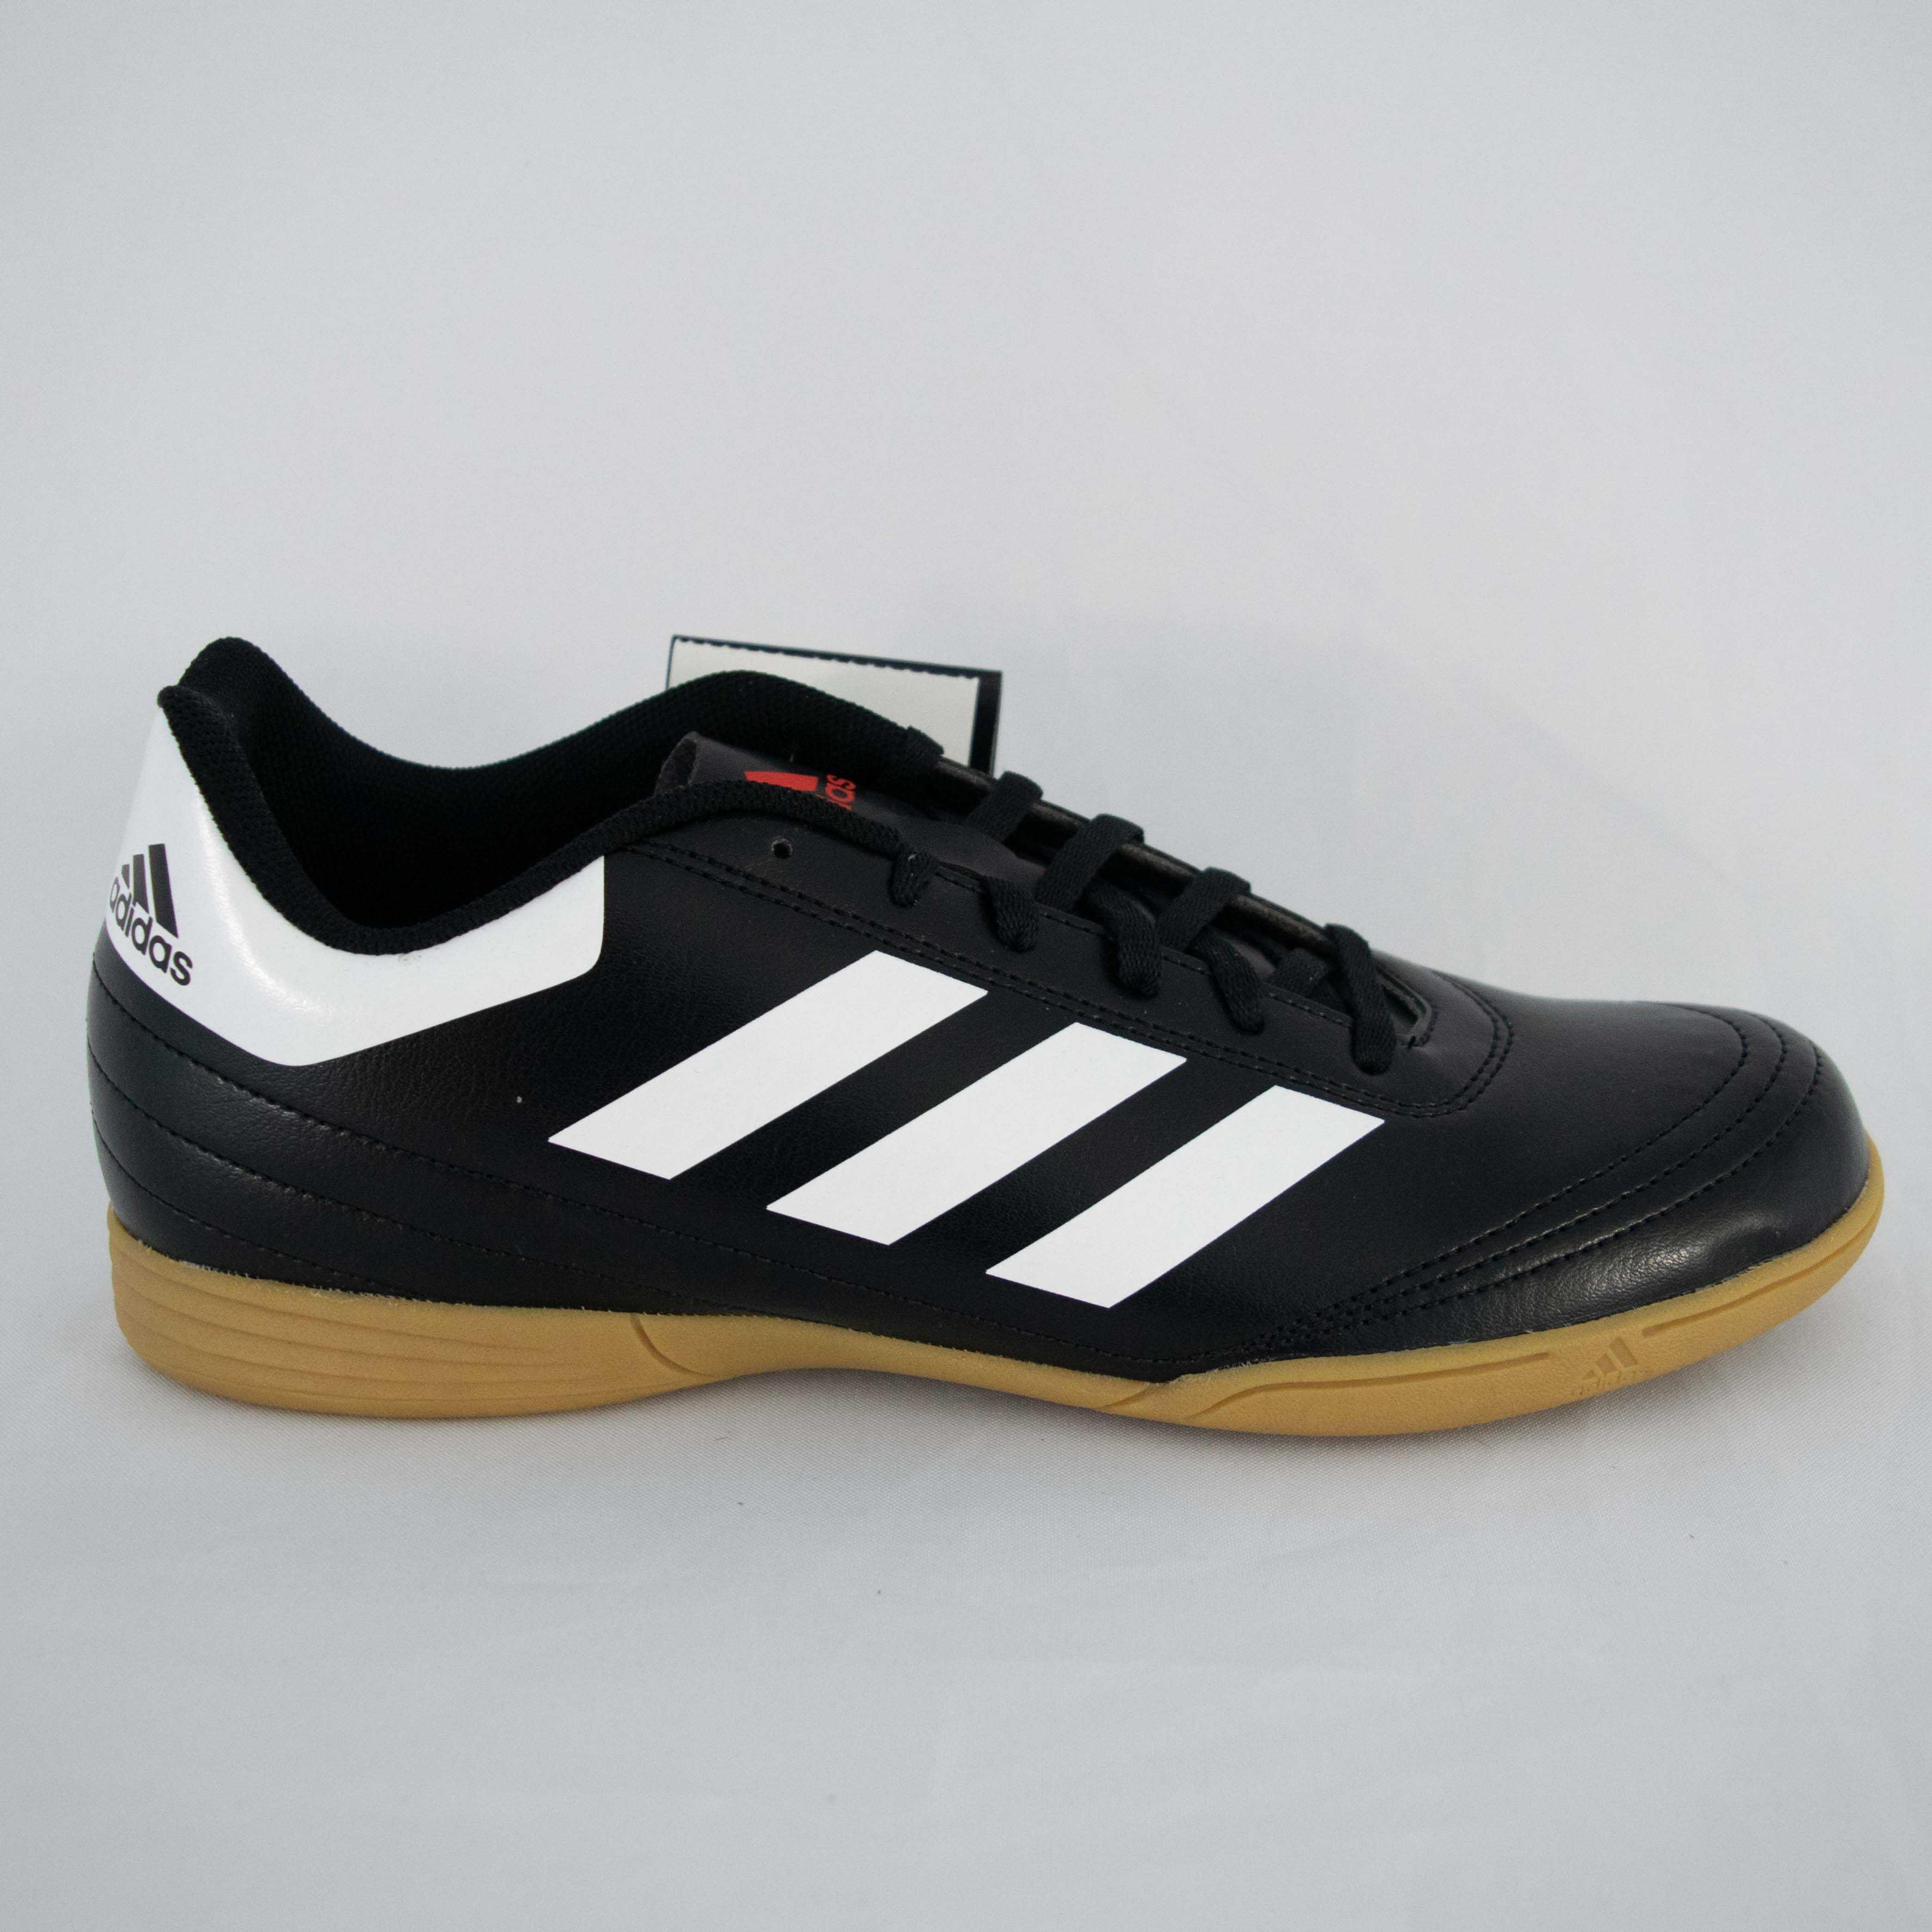 e6322117bd4 Tênis Adidas AQ4289 Goletto VI IN Futsal Preto/Branco